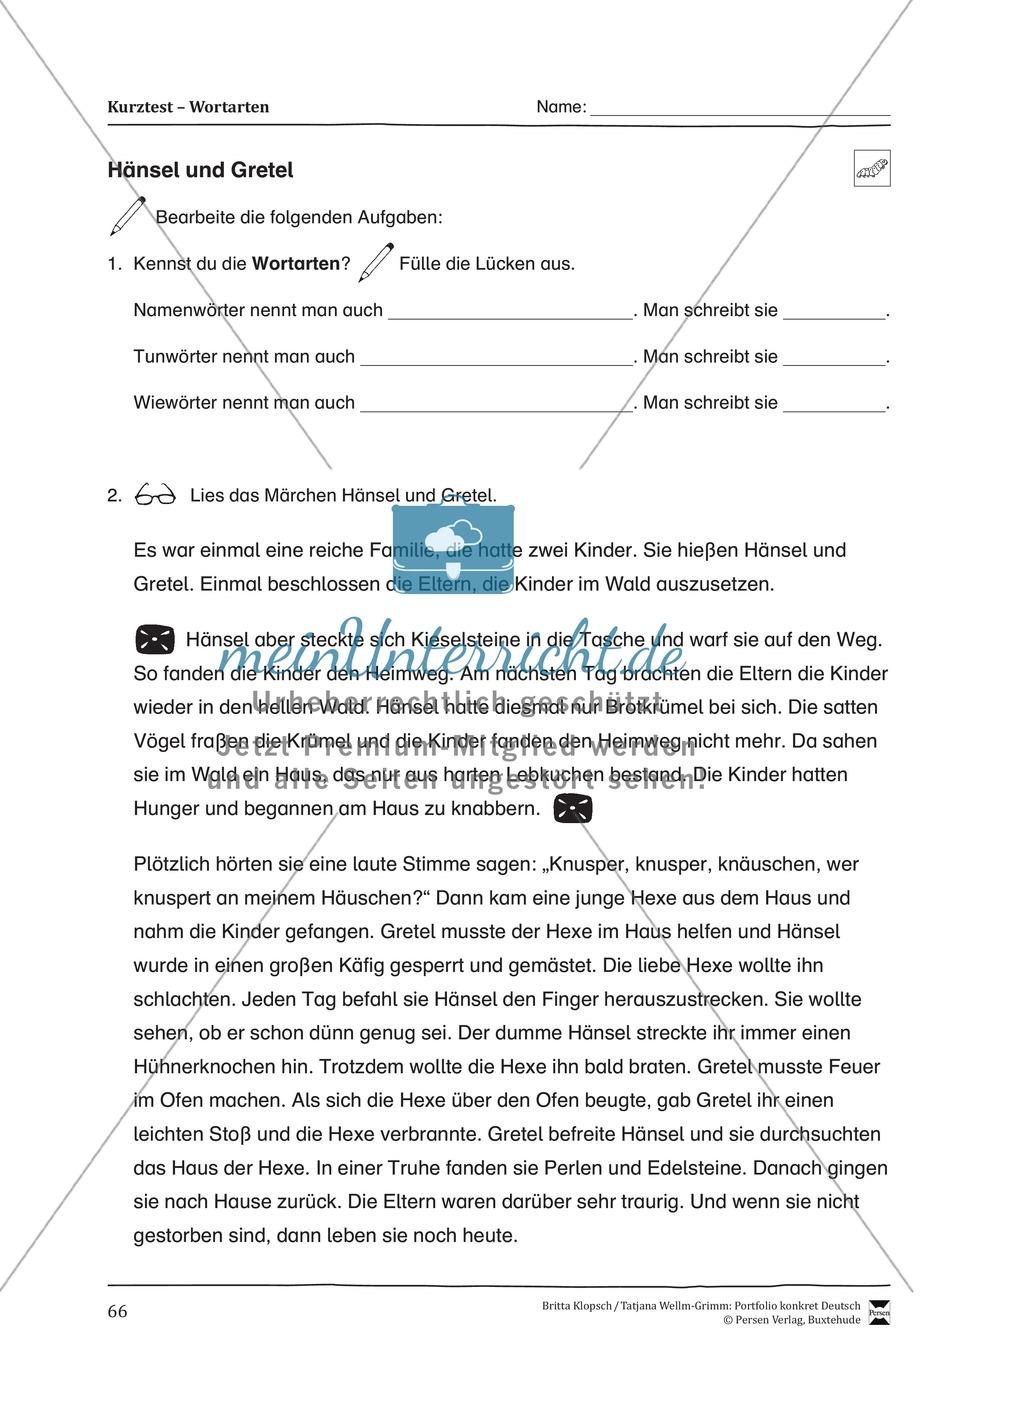 Kopiervorlagen für den Themenbereich Wortarten Preview 23